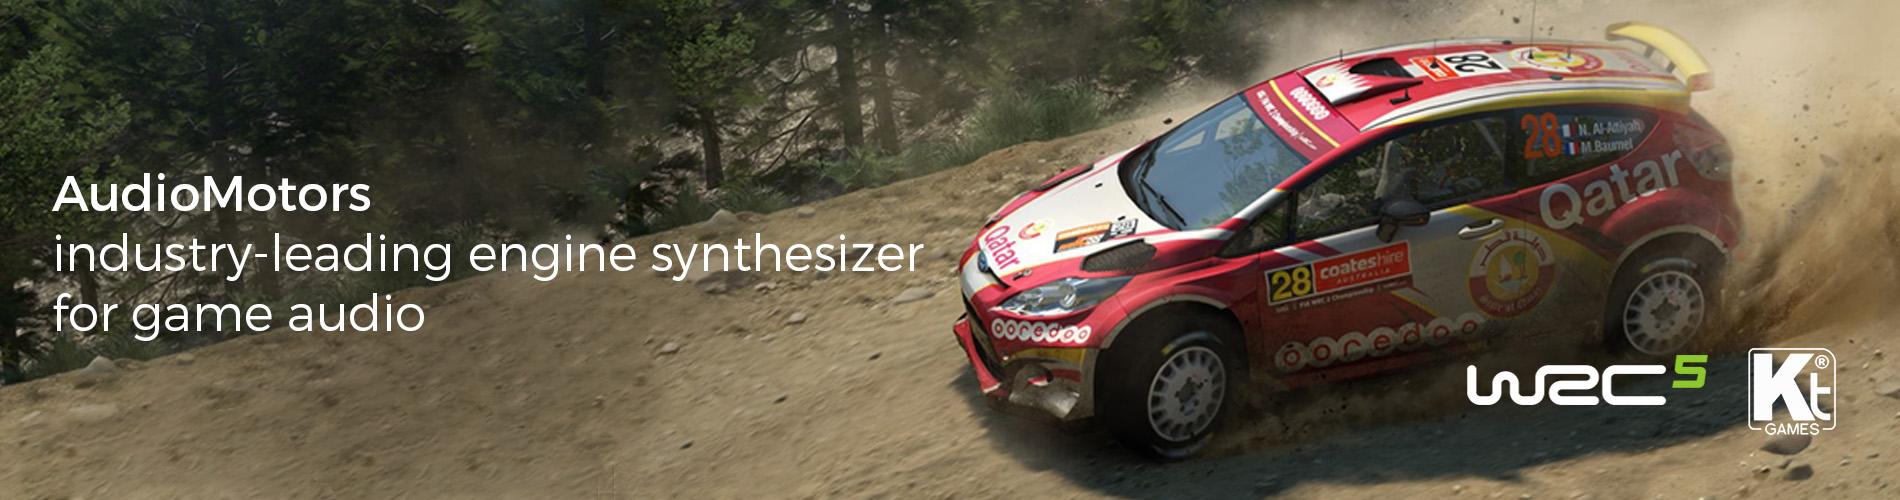 AudioMotors WRC5